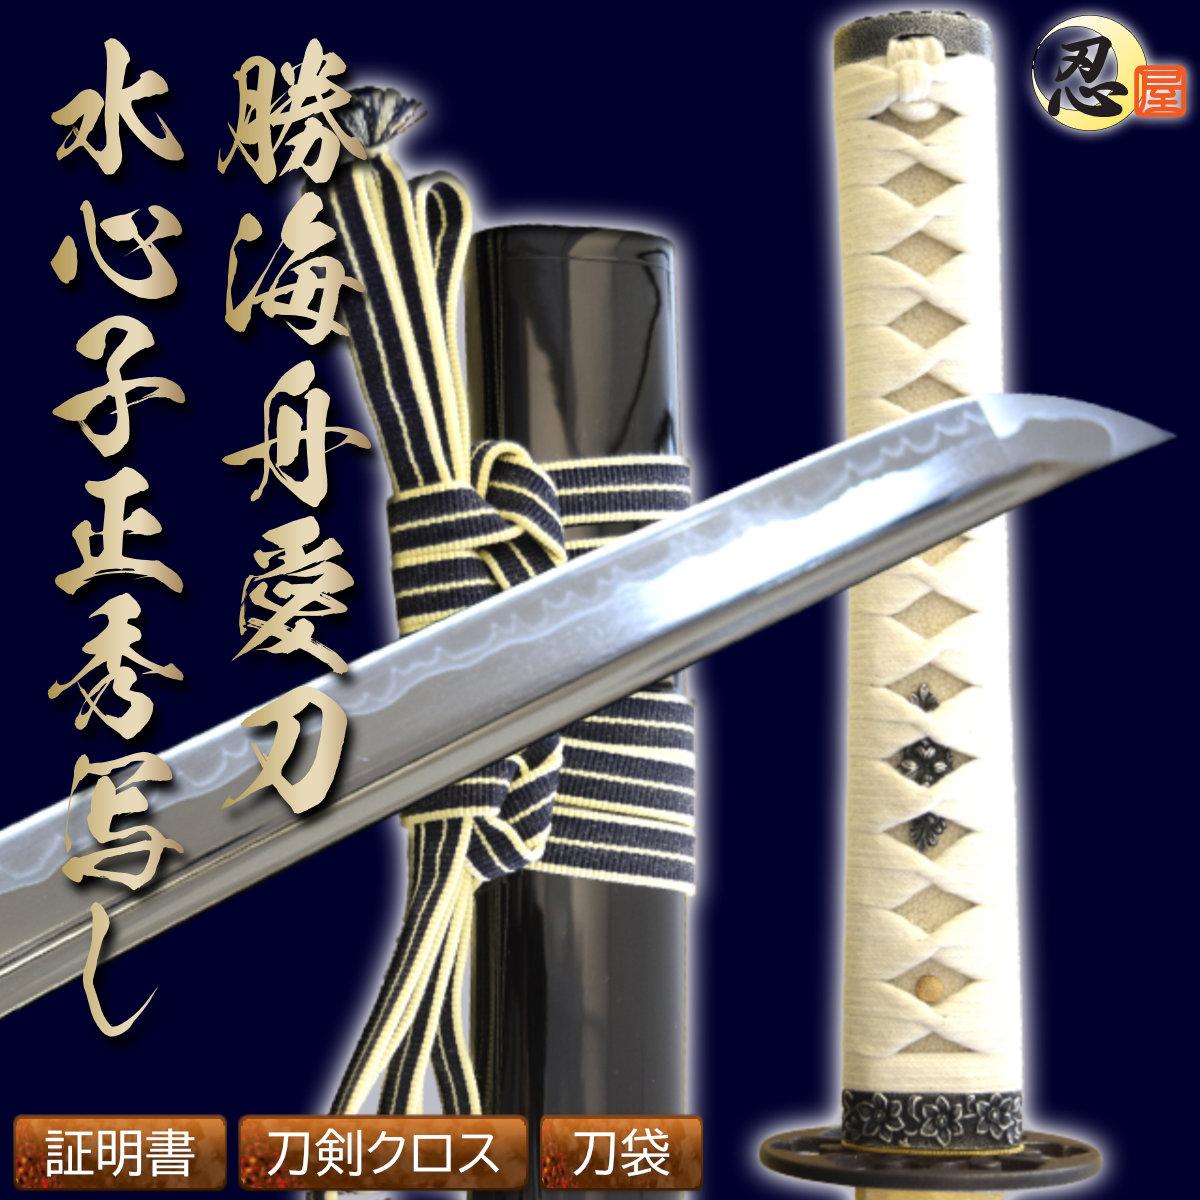 居合刀 勝海舟の愛刀 水心子正秀写し しのびや特製刀剣証明書・クリーニングクロス・刀袋セット